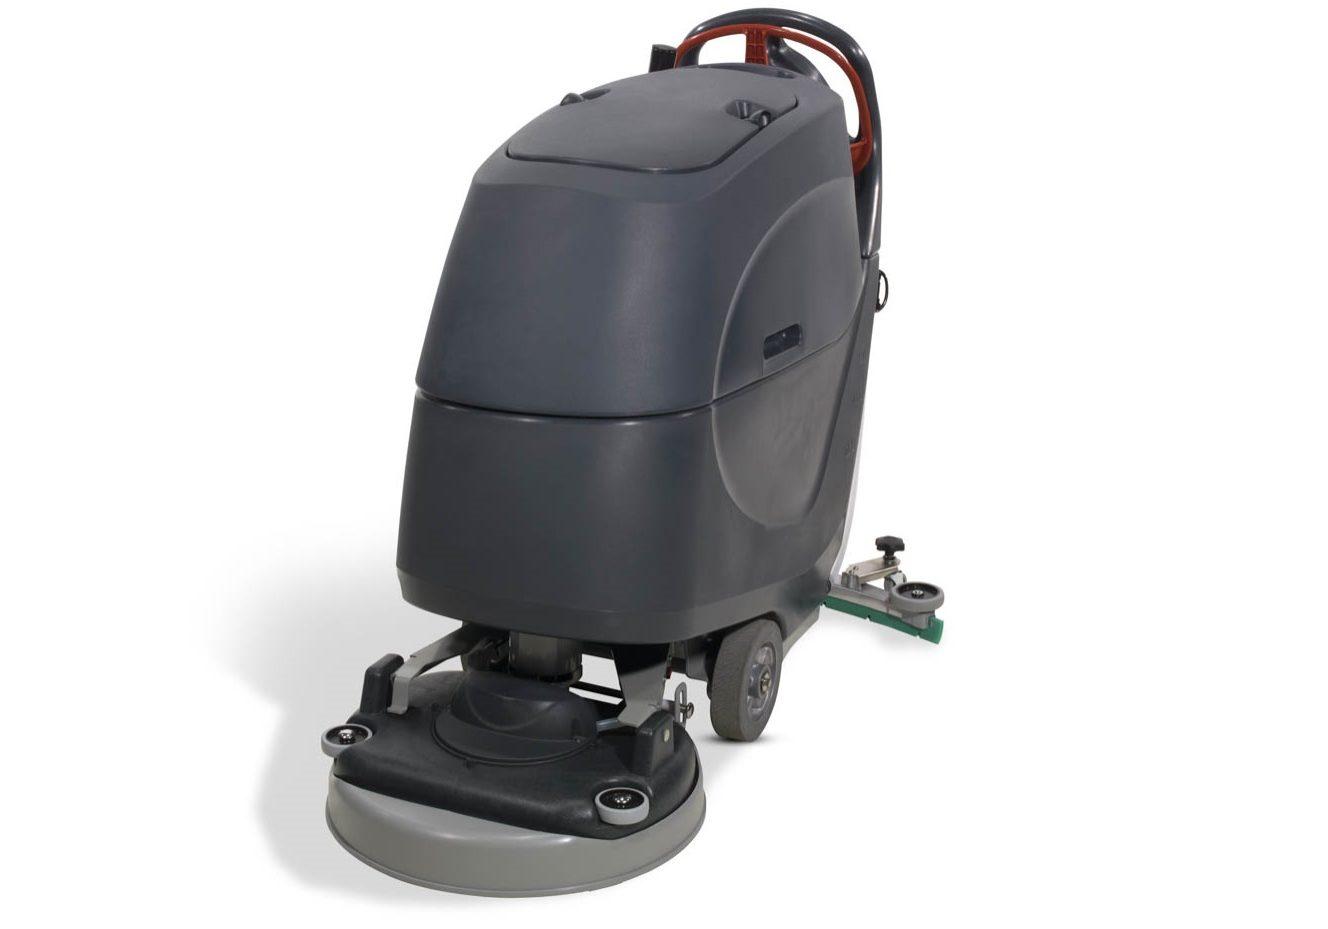 autolaveuse-batterie-tgb6055-numatic-1